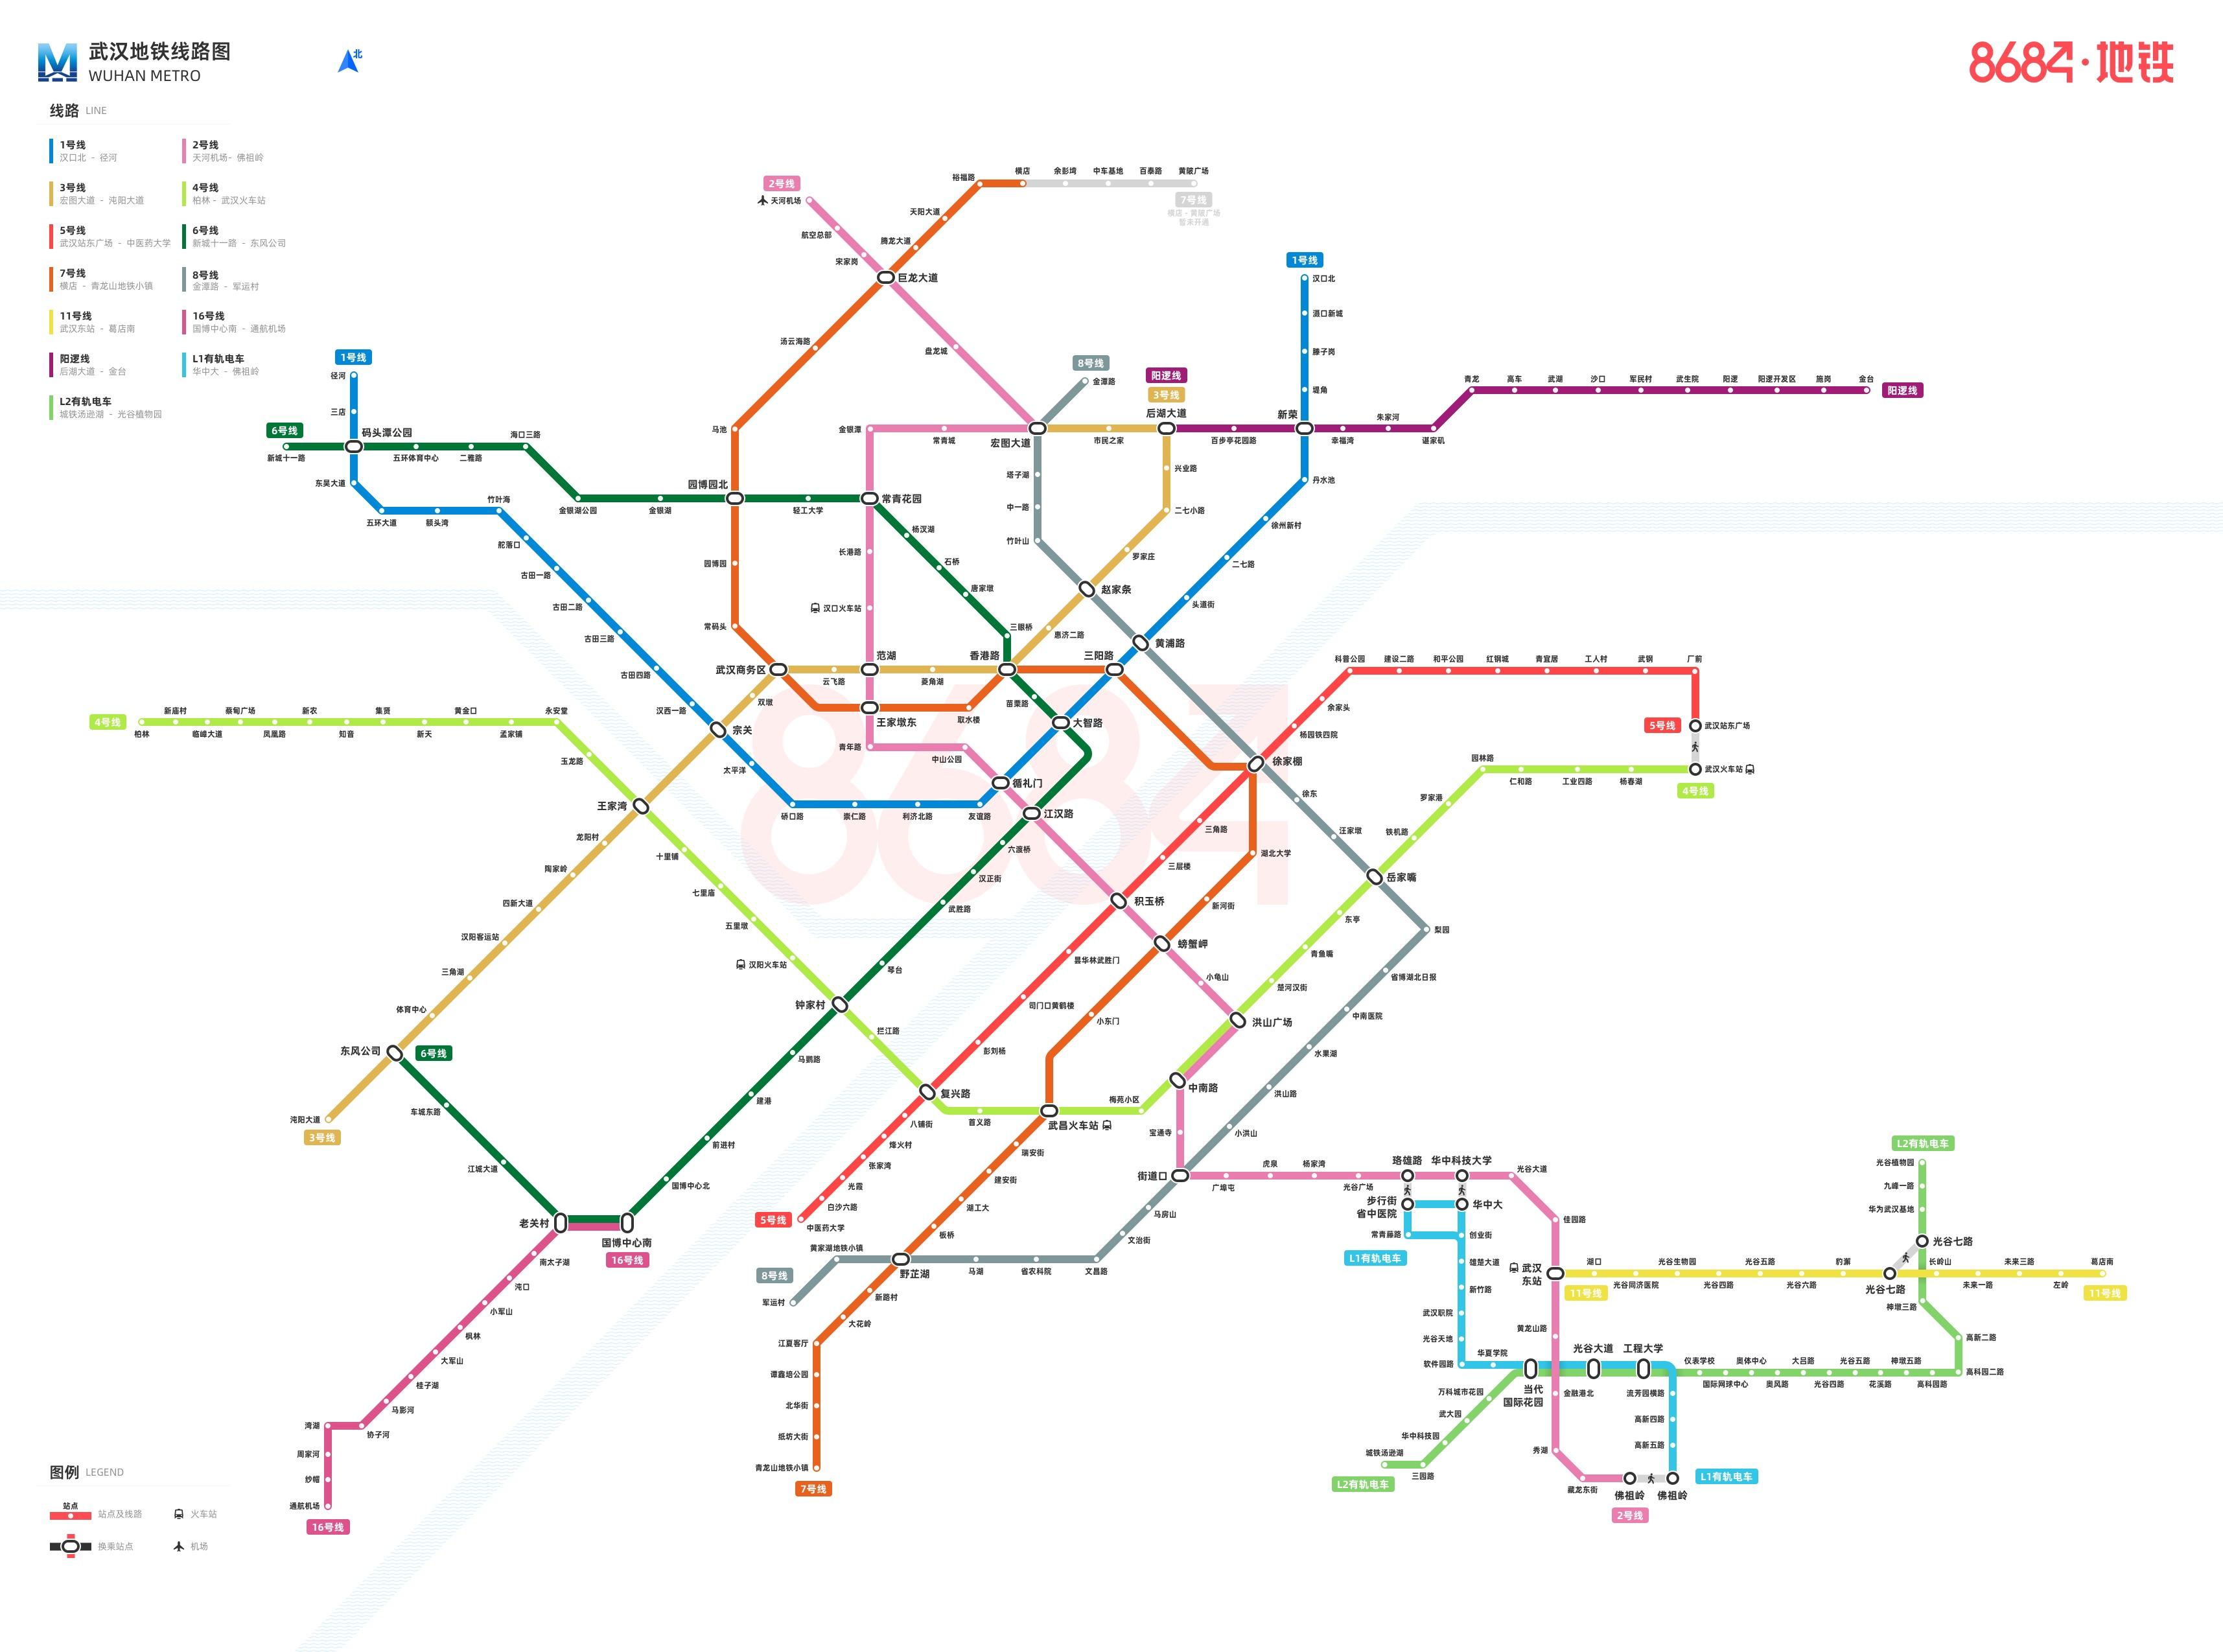 武汉地铁规划图高清_武汉地铁图高清大图图片